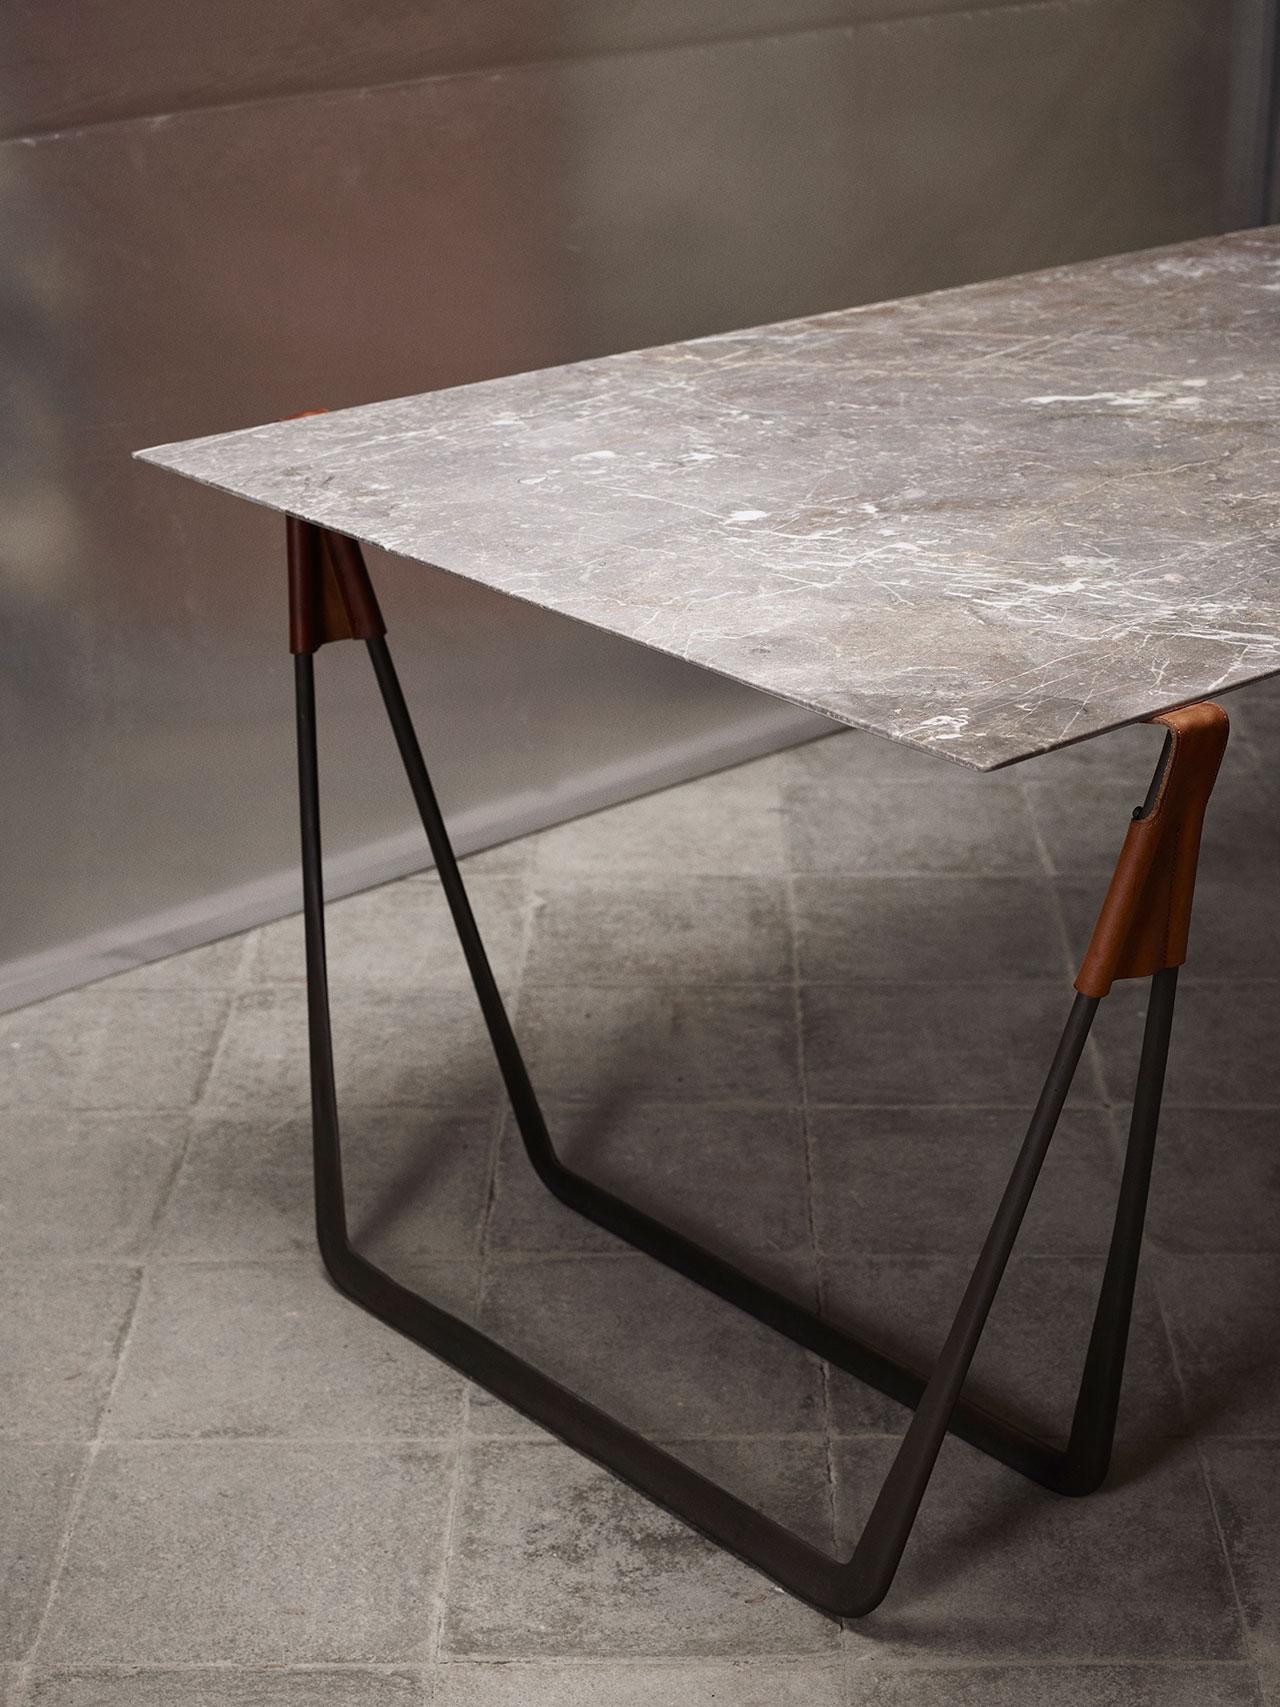 Ben Storms, In Vein table. Photography © Alexander Popelier.